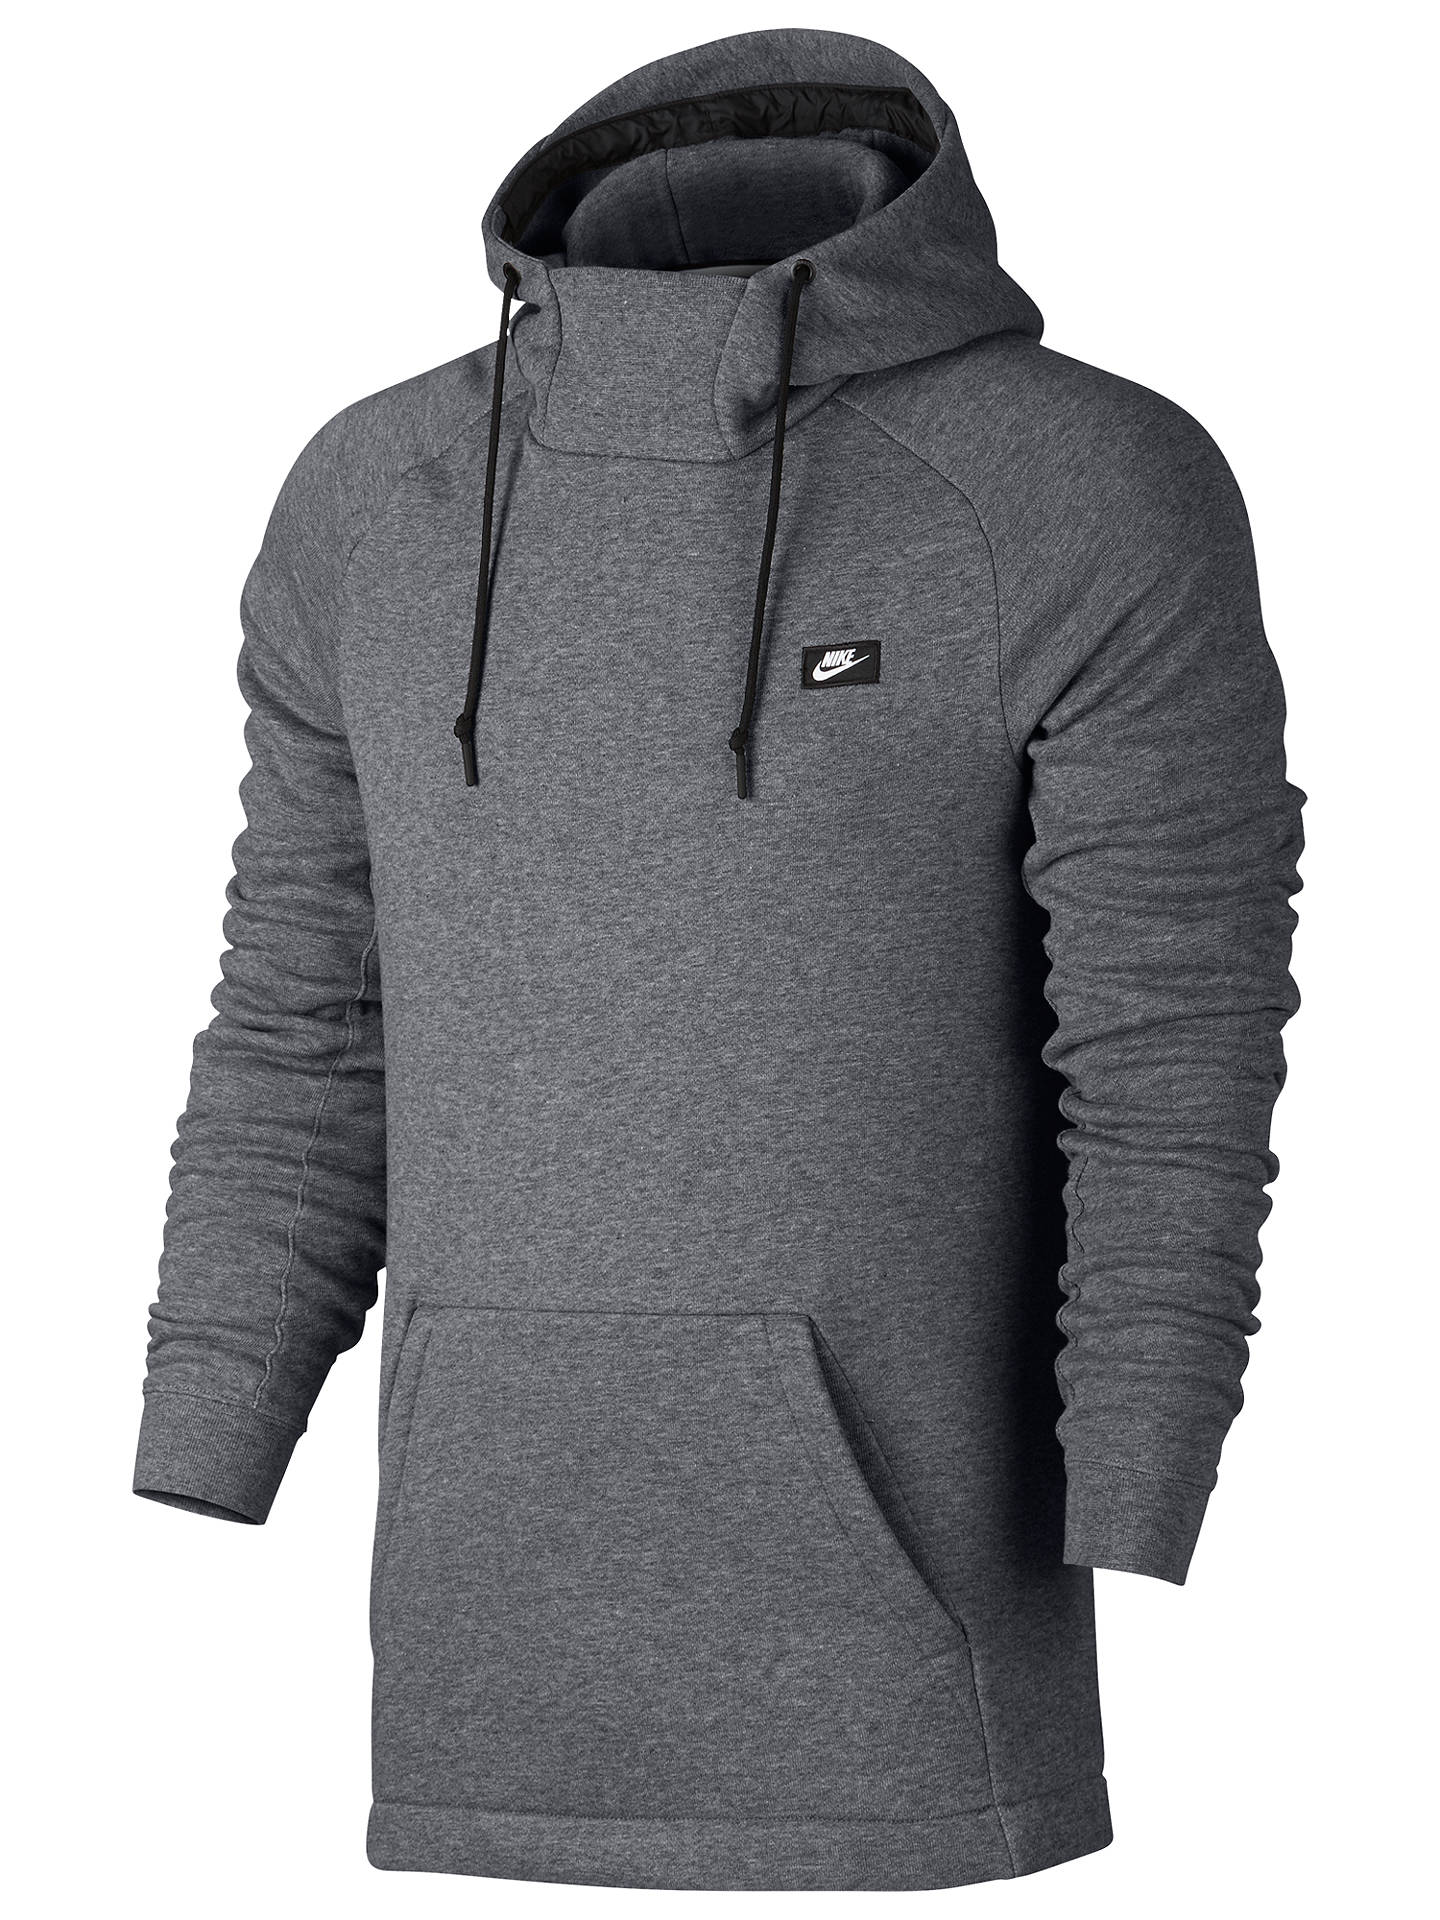 Nike Apparel Modern Pullover Hoodie Black